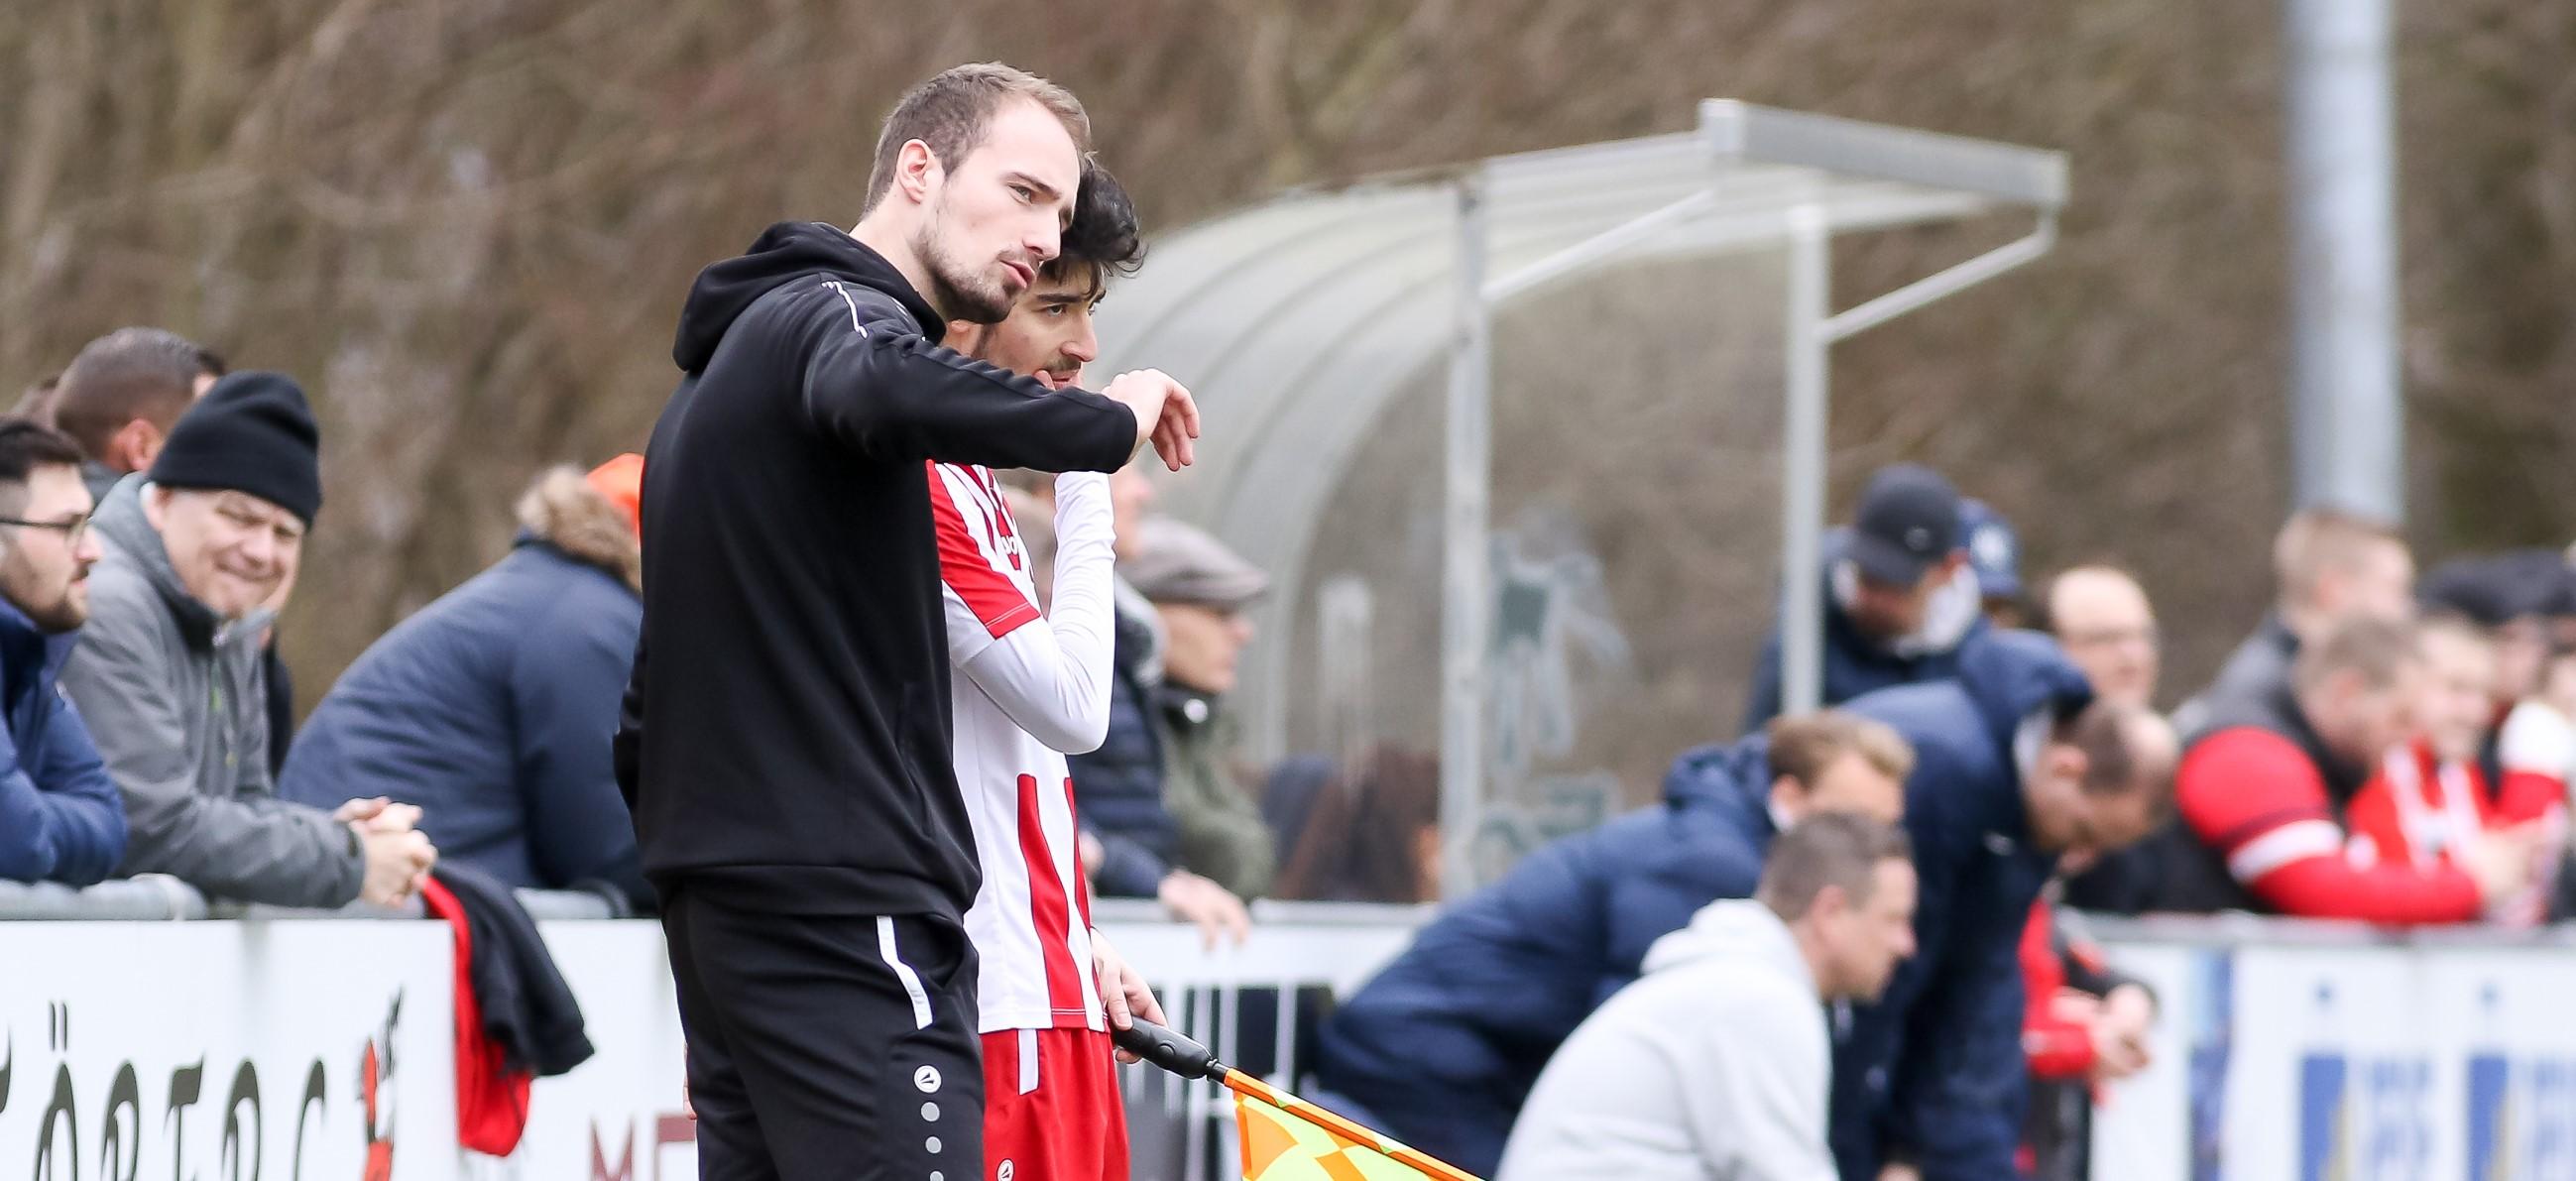 Die U17 startete mit einer knappen 0:1-Niederlage in die Bundesliga-Saison. (Foto: Endberg)